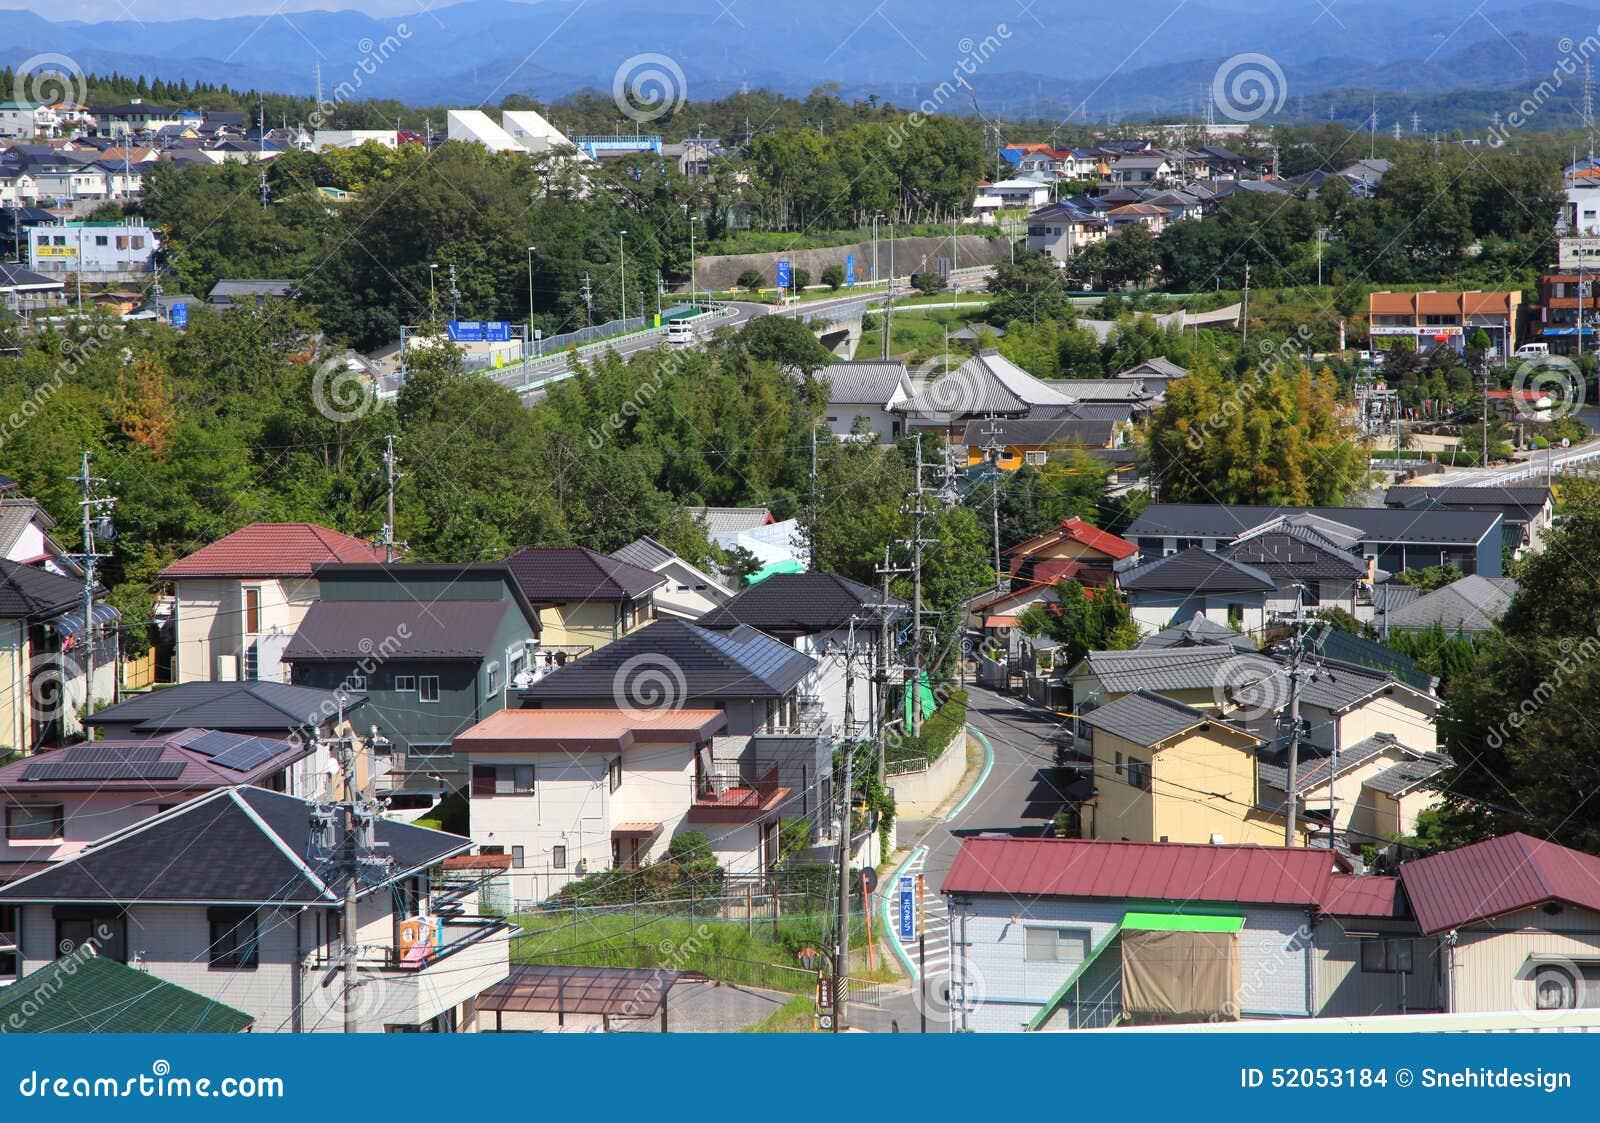 名古屋市的郊区